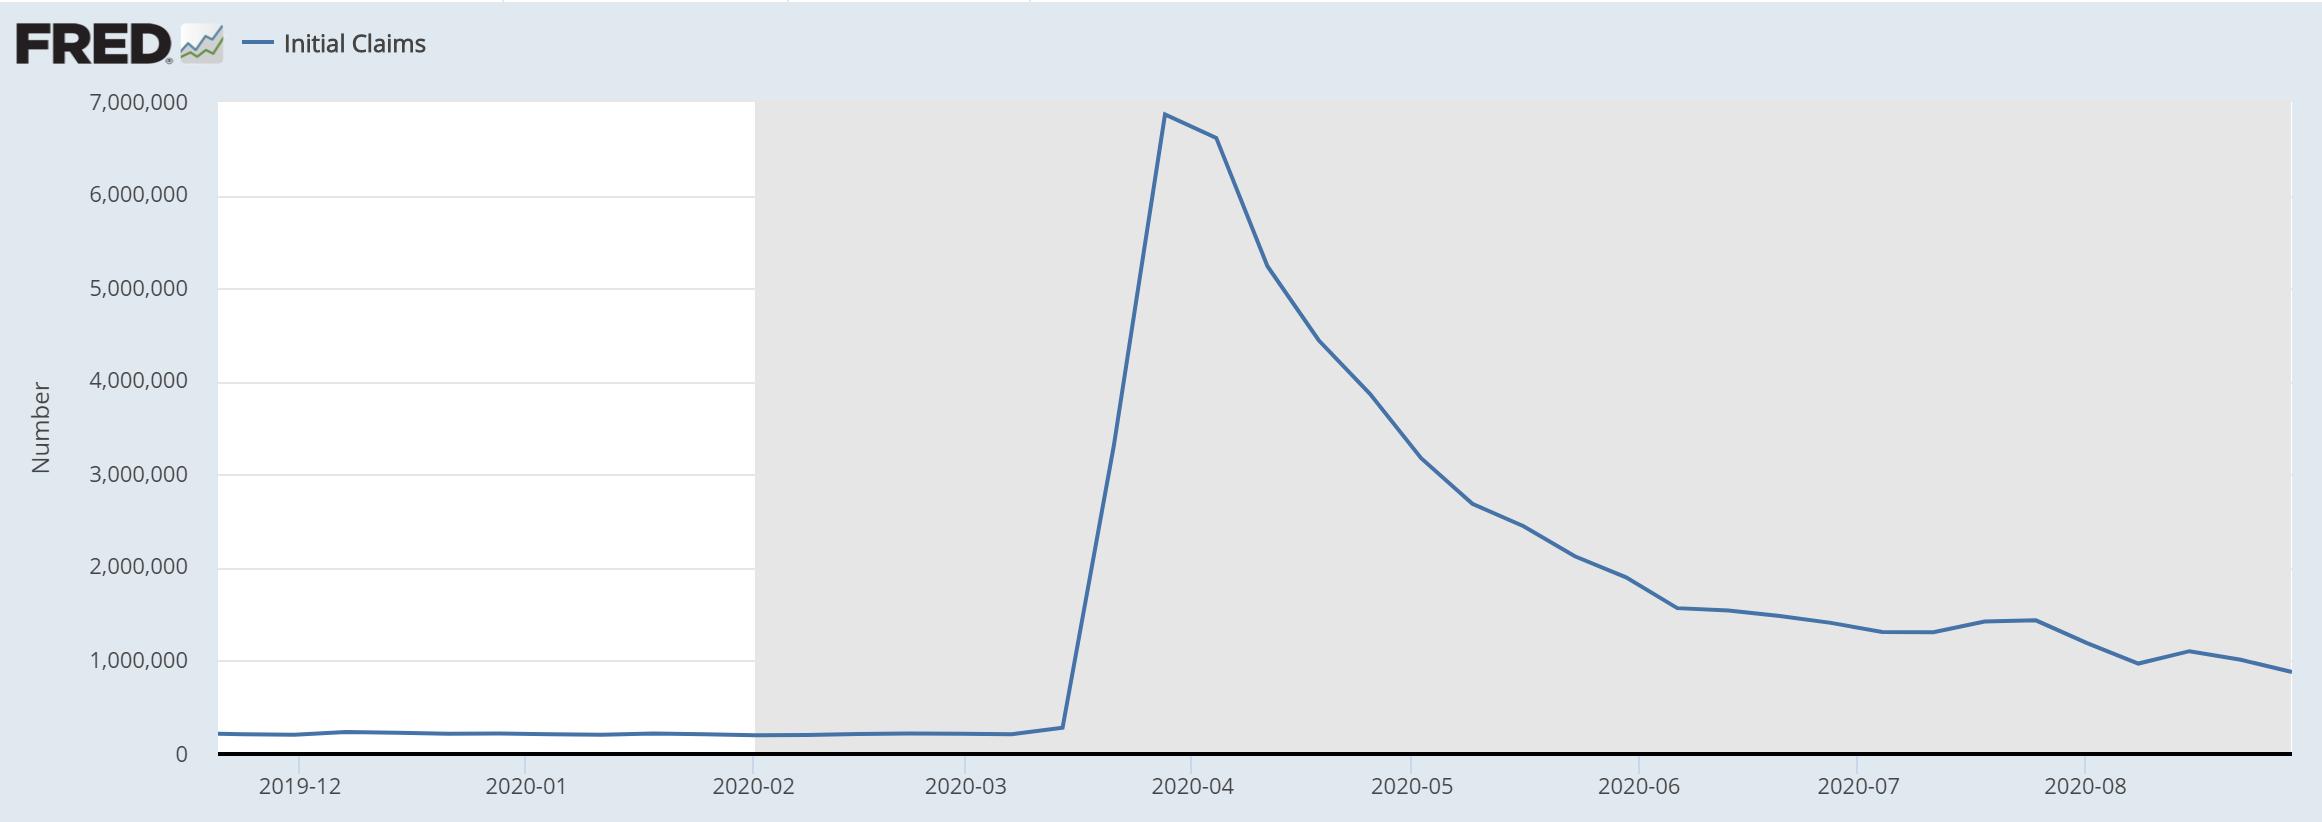 """本周美国初请失业金人数显著下降?劳工部""""调整算法""""才是主因"""